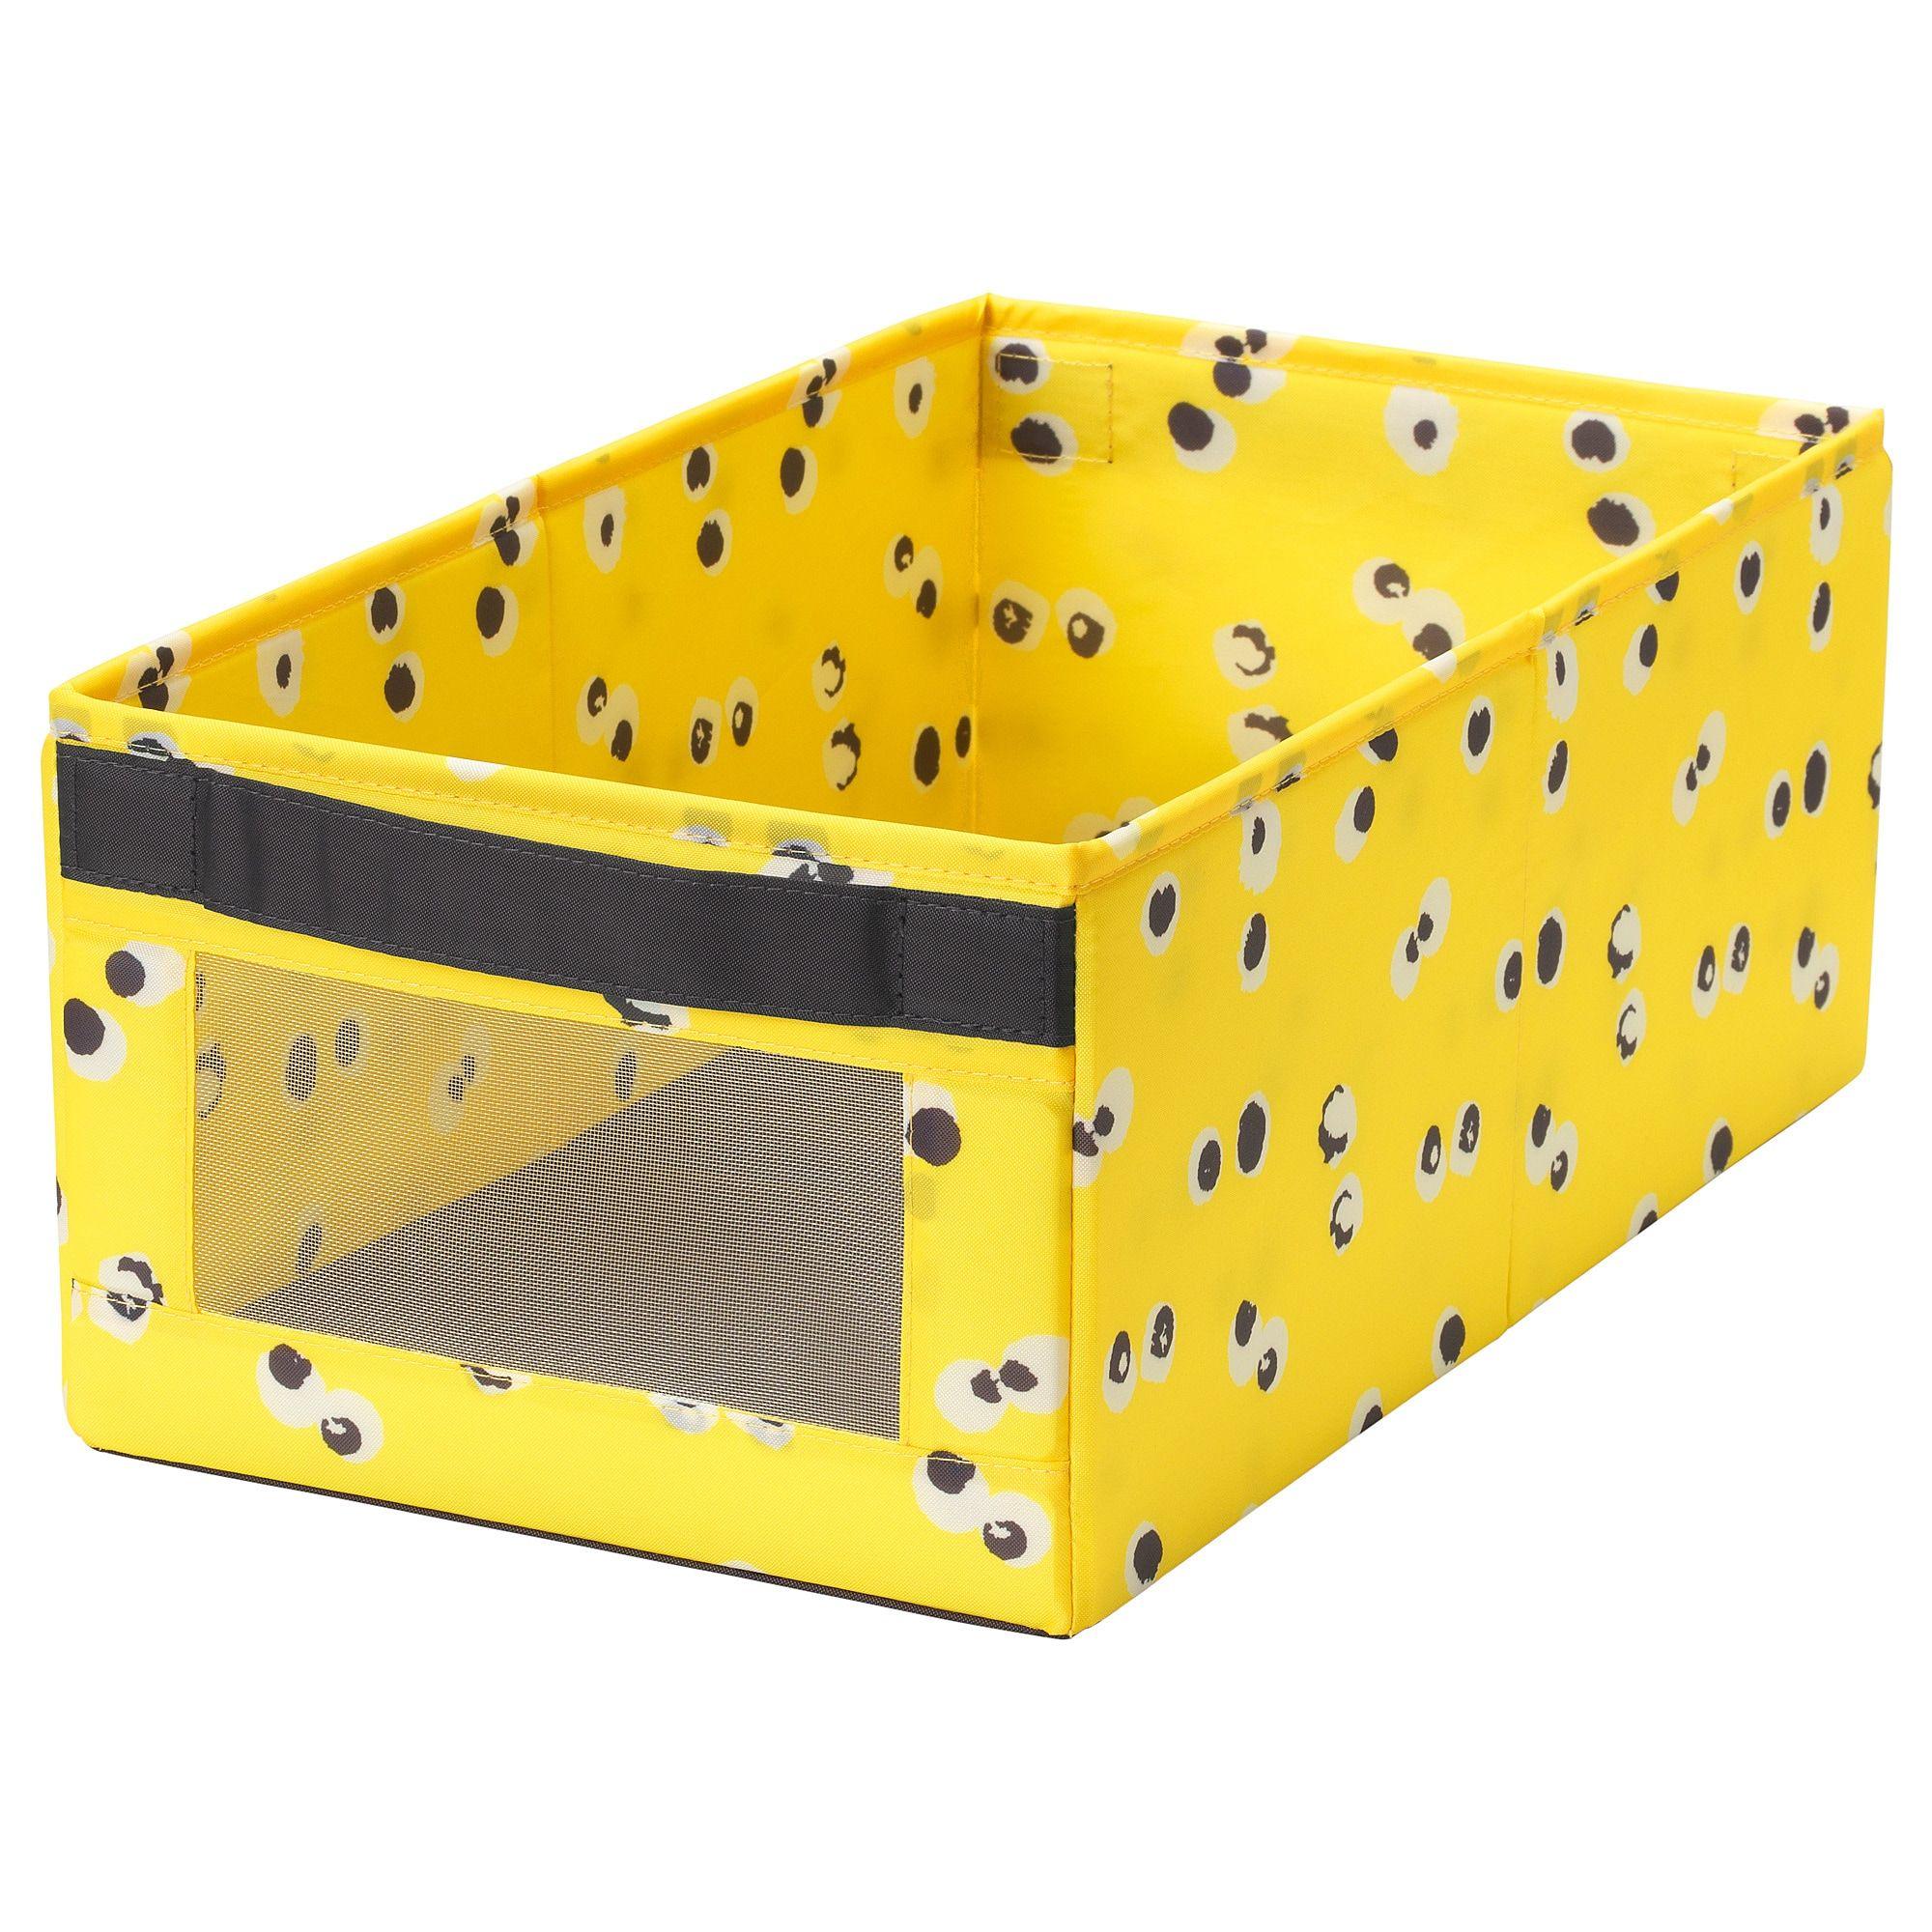 Full Size of Aufbewahrungsbox Mit Deckel Kinderzimmer Aldi Angelgen Fach Gelb Ikea Sterreich Aufbewahrungsbokinder Esstisch 4 Stühlen Günstig Schlafzimmer Set Matratze Kinderzimmer Aufbewahrungsbox Mit Deckel Kinderzimmer